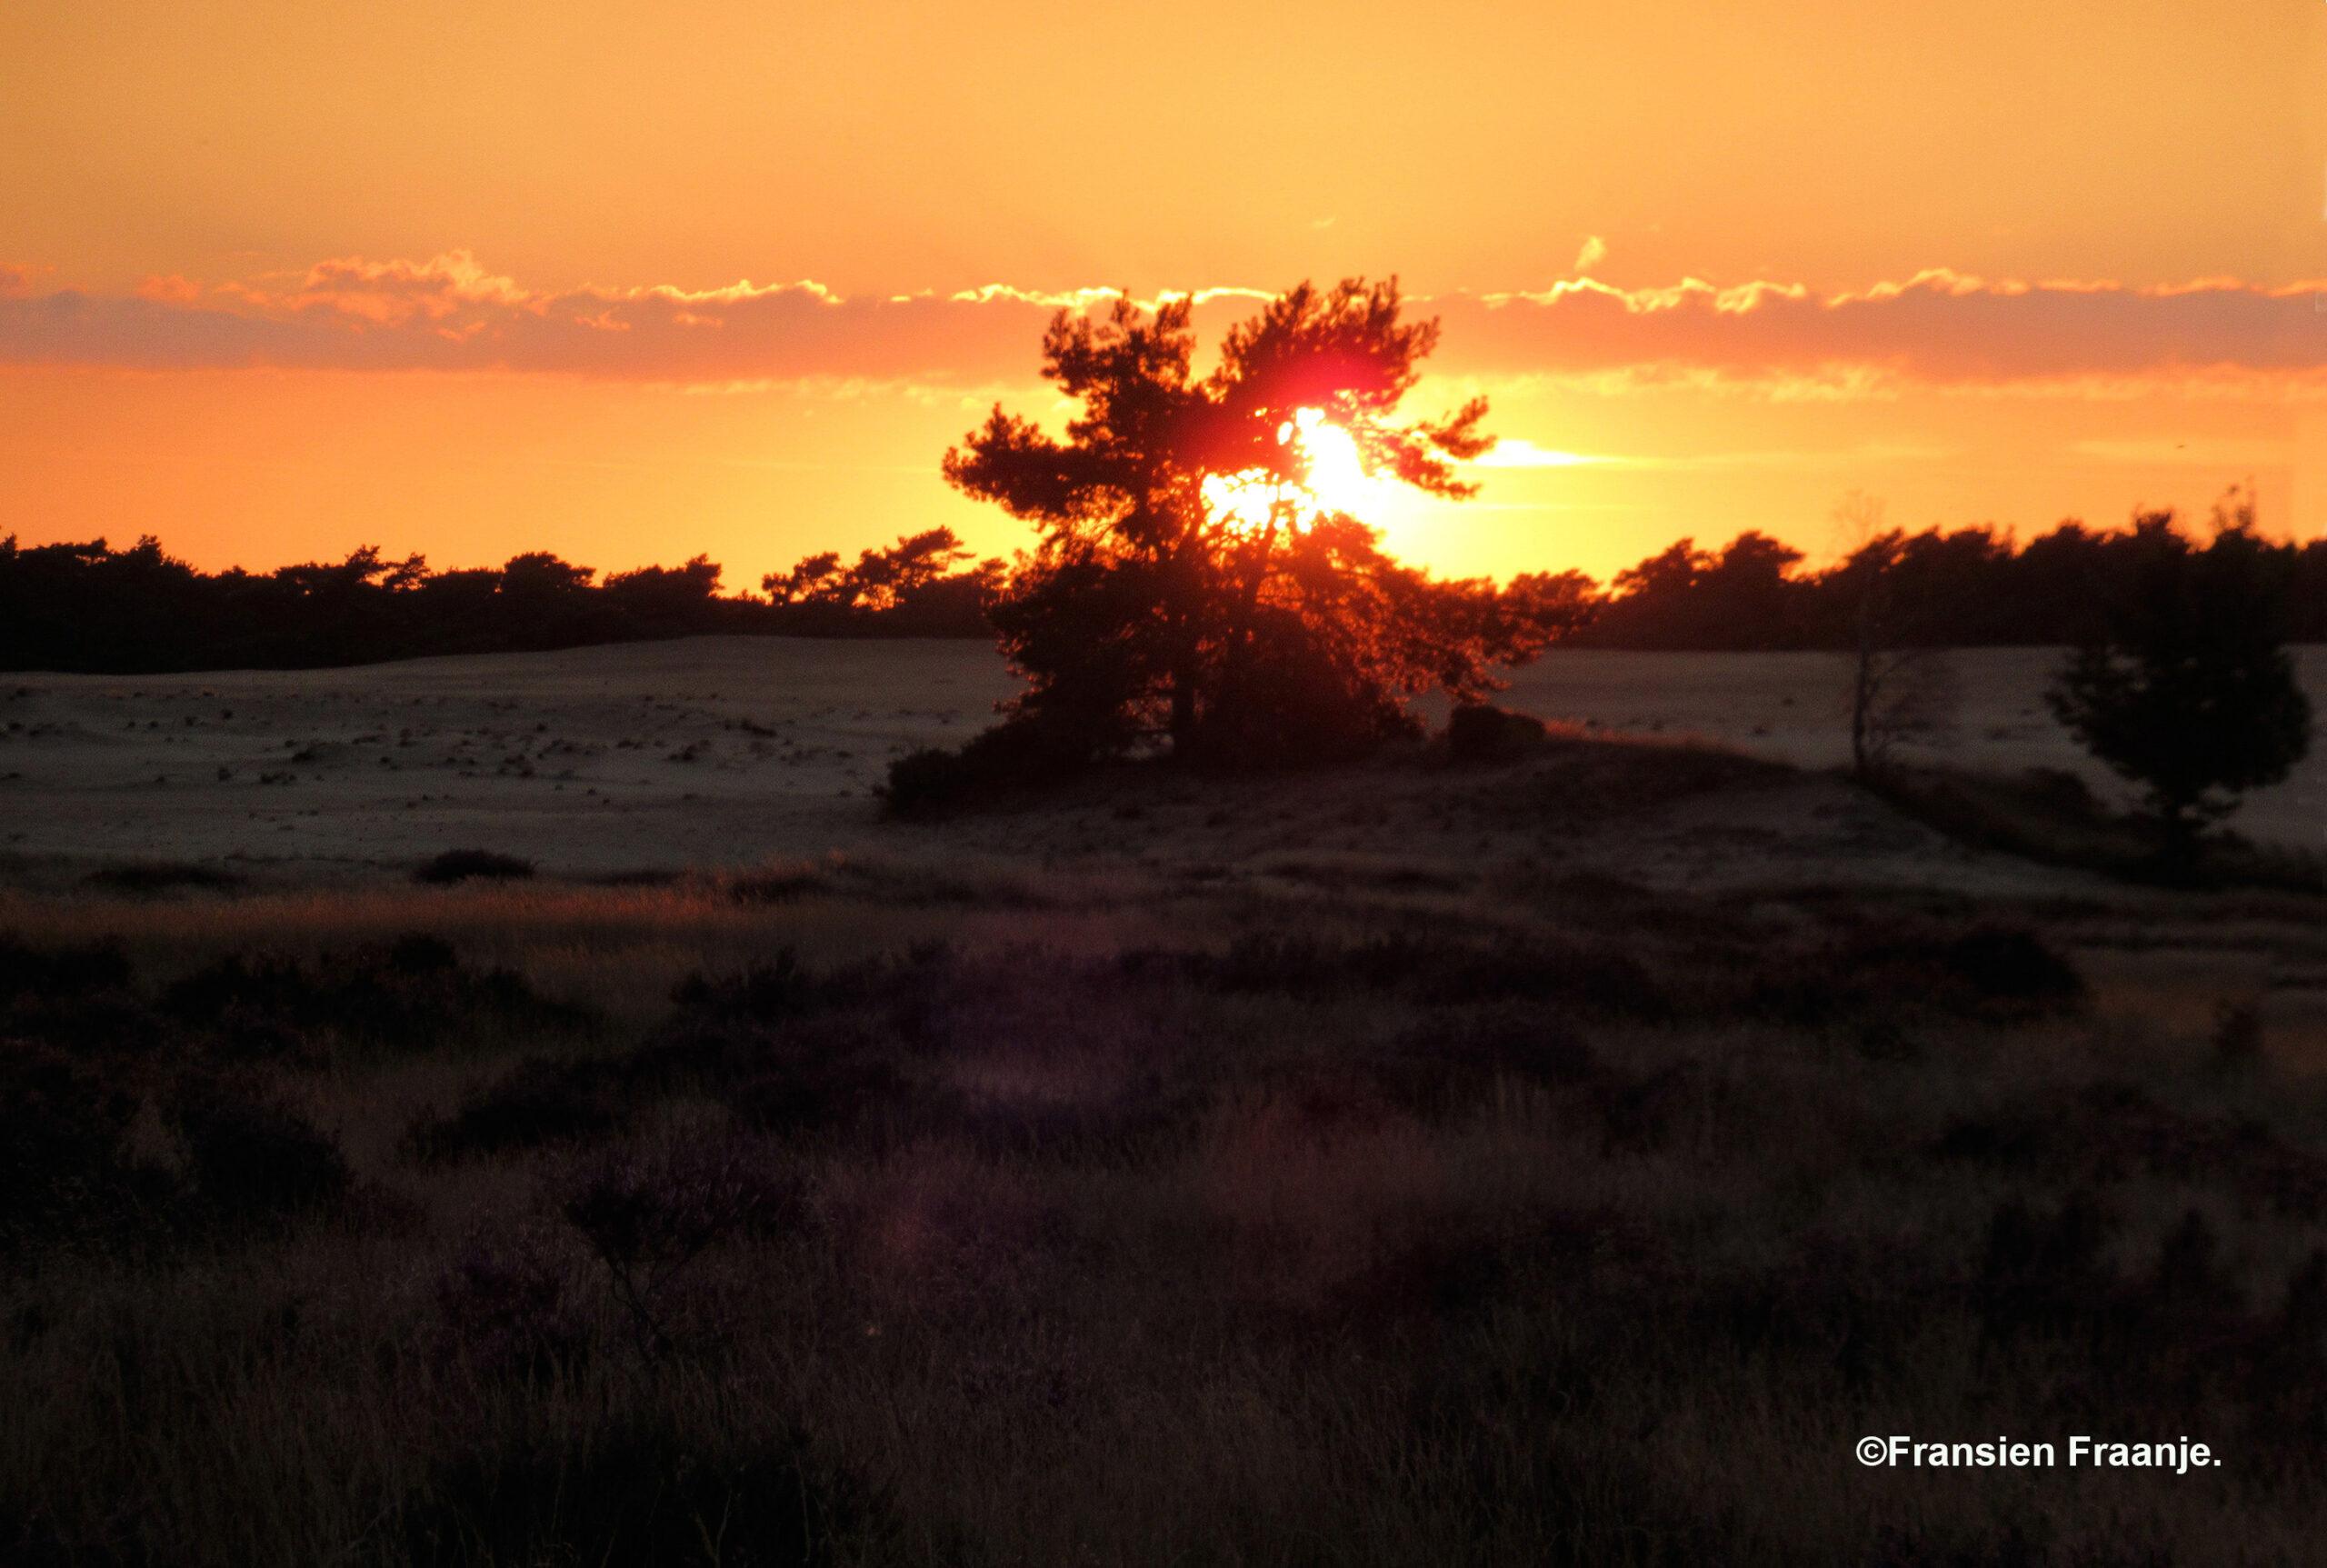 De zon scheen er dwars doorheen, het leek wel of hij in de brand stond - Foto: ©Fransien Fraanje.